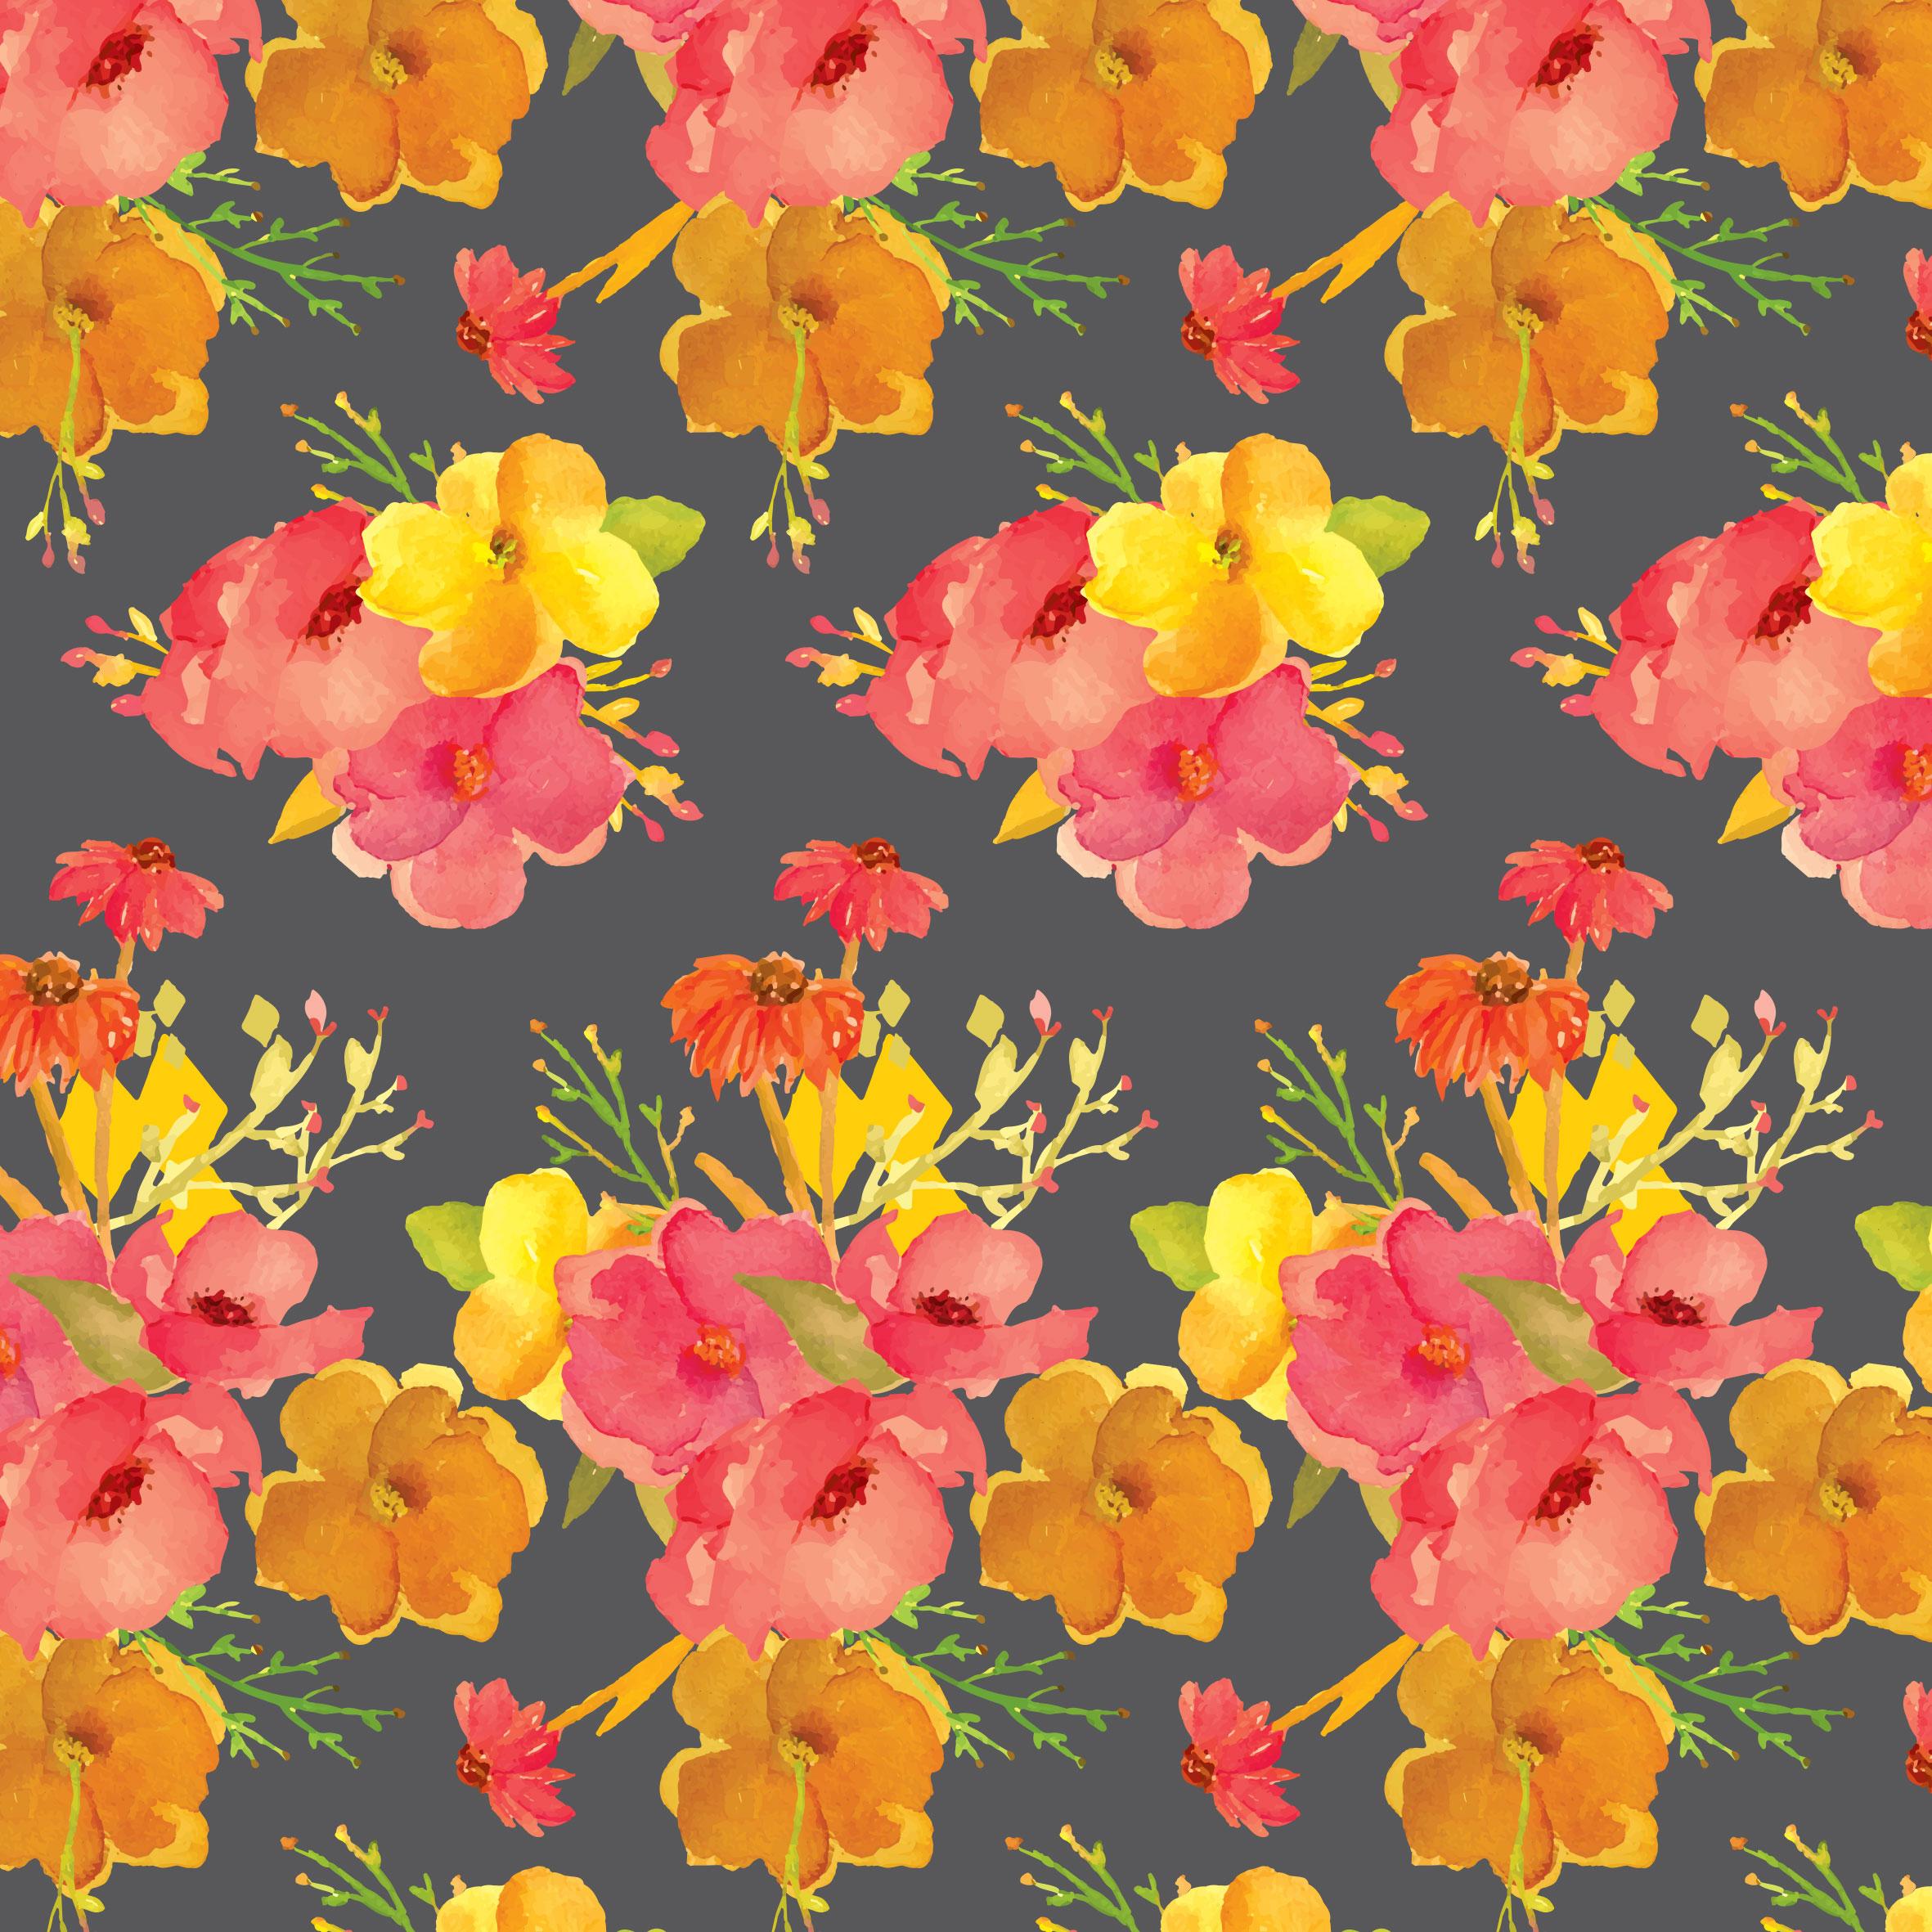 Estampa-floral-cinza-ok.jpg